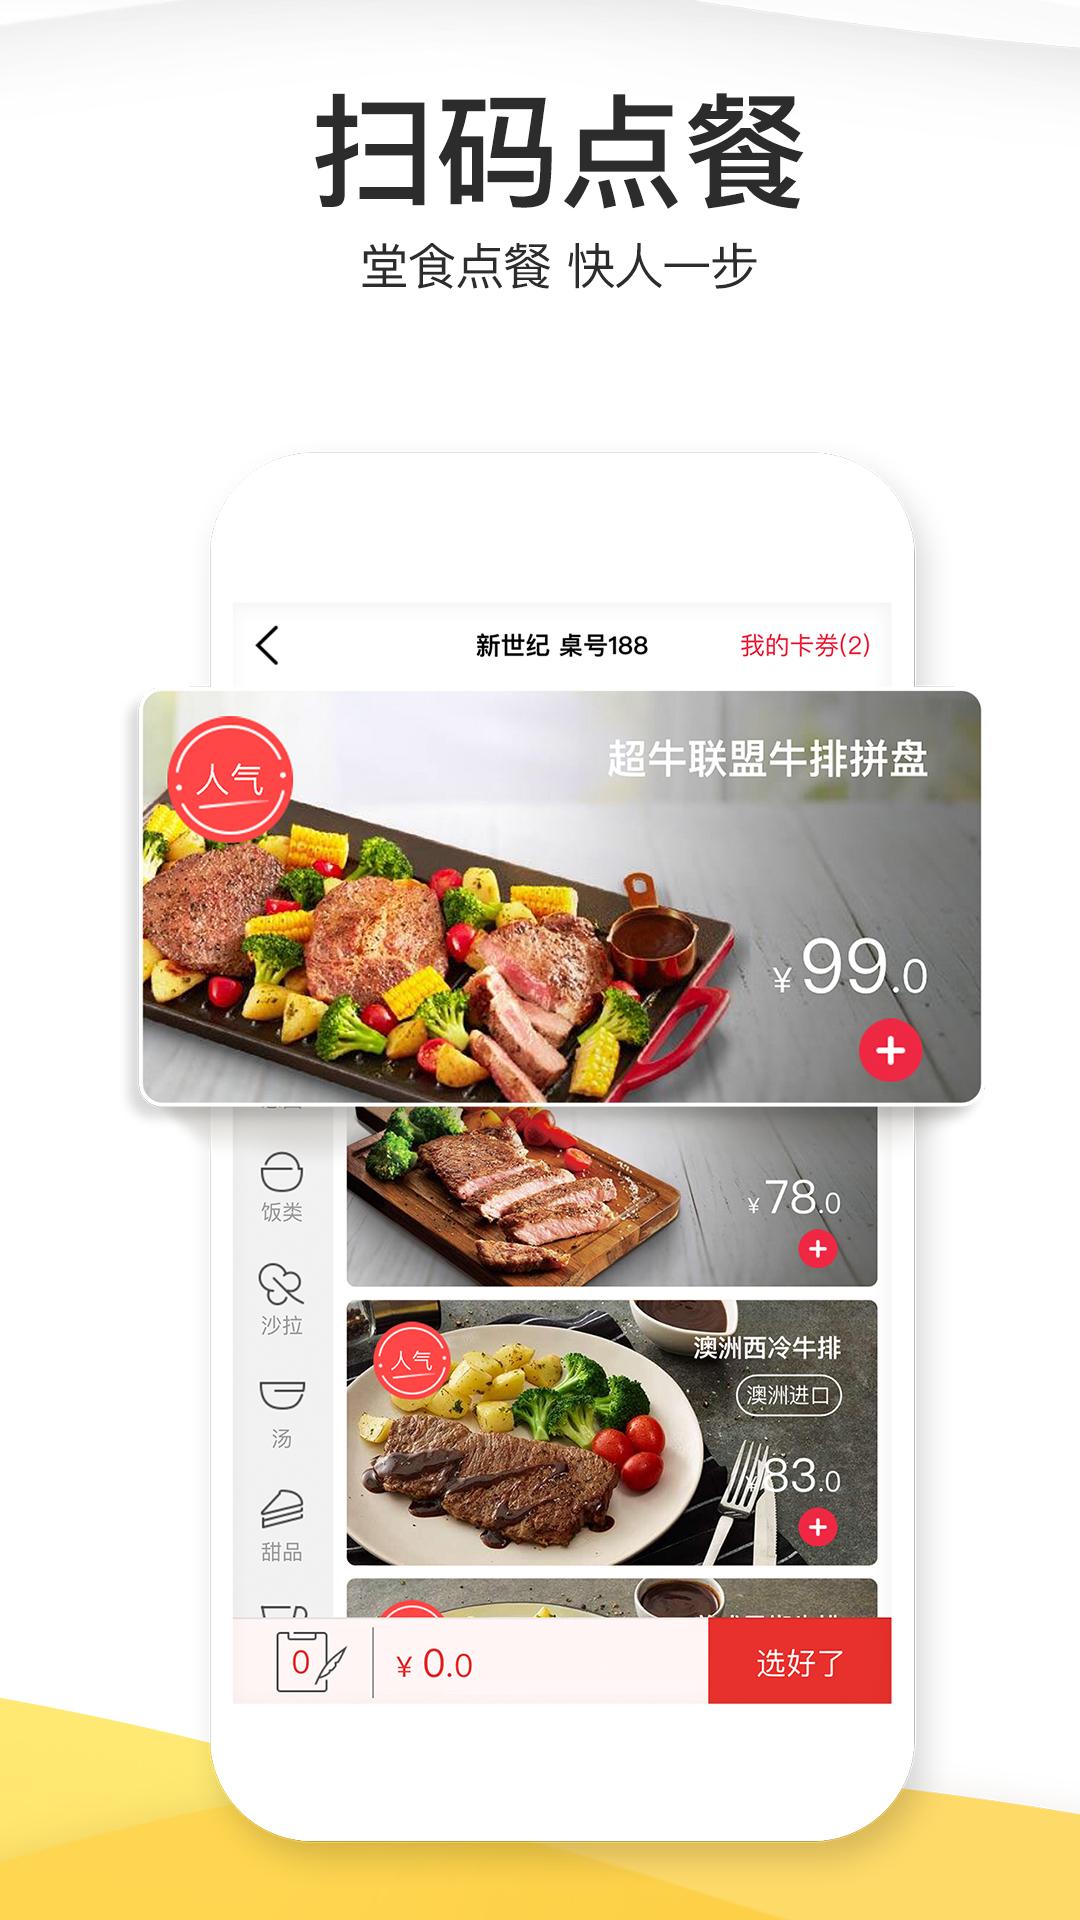 必胜客宅急送app截图2